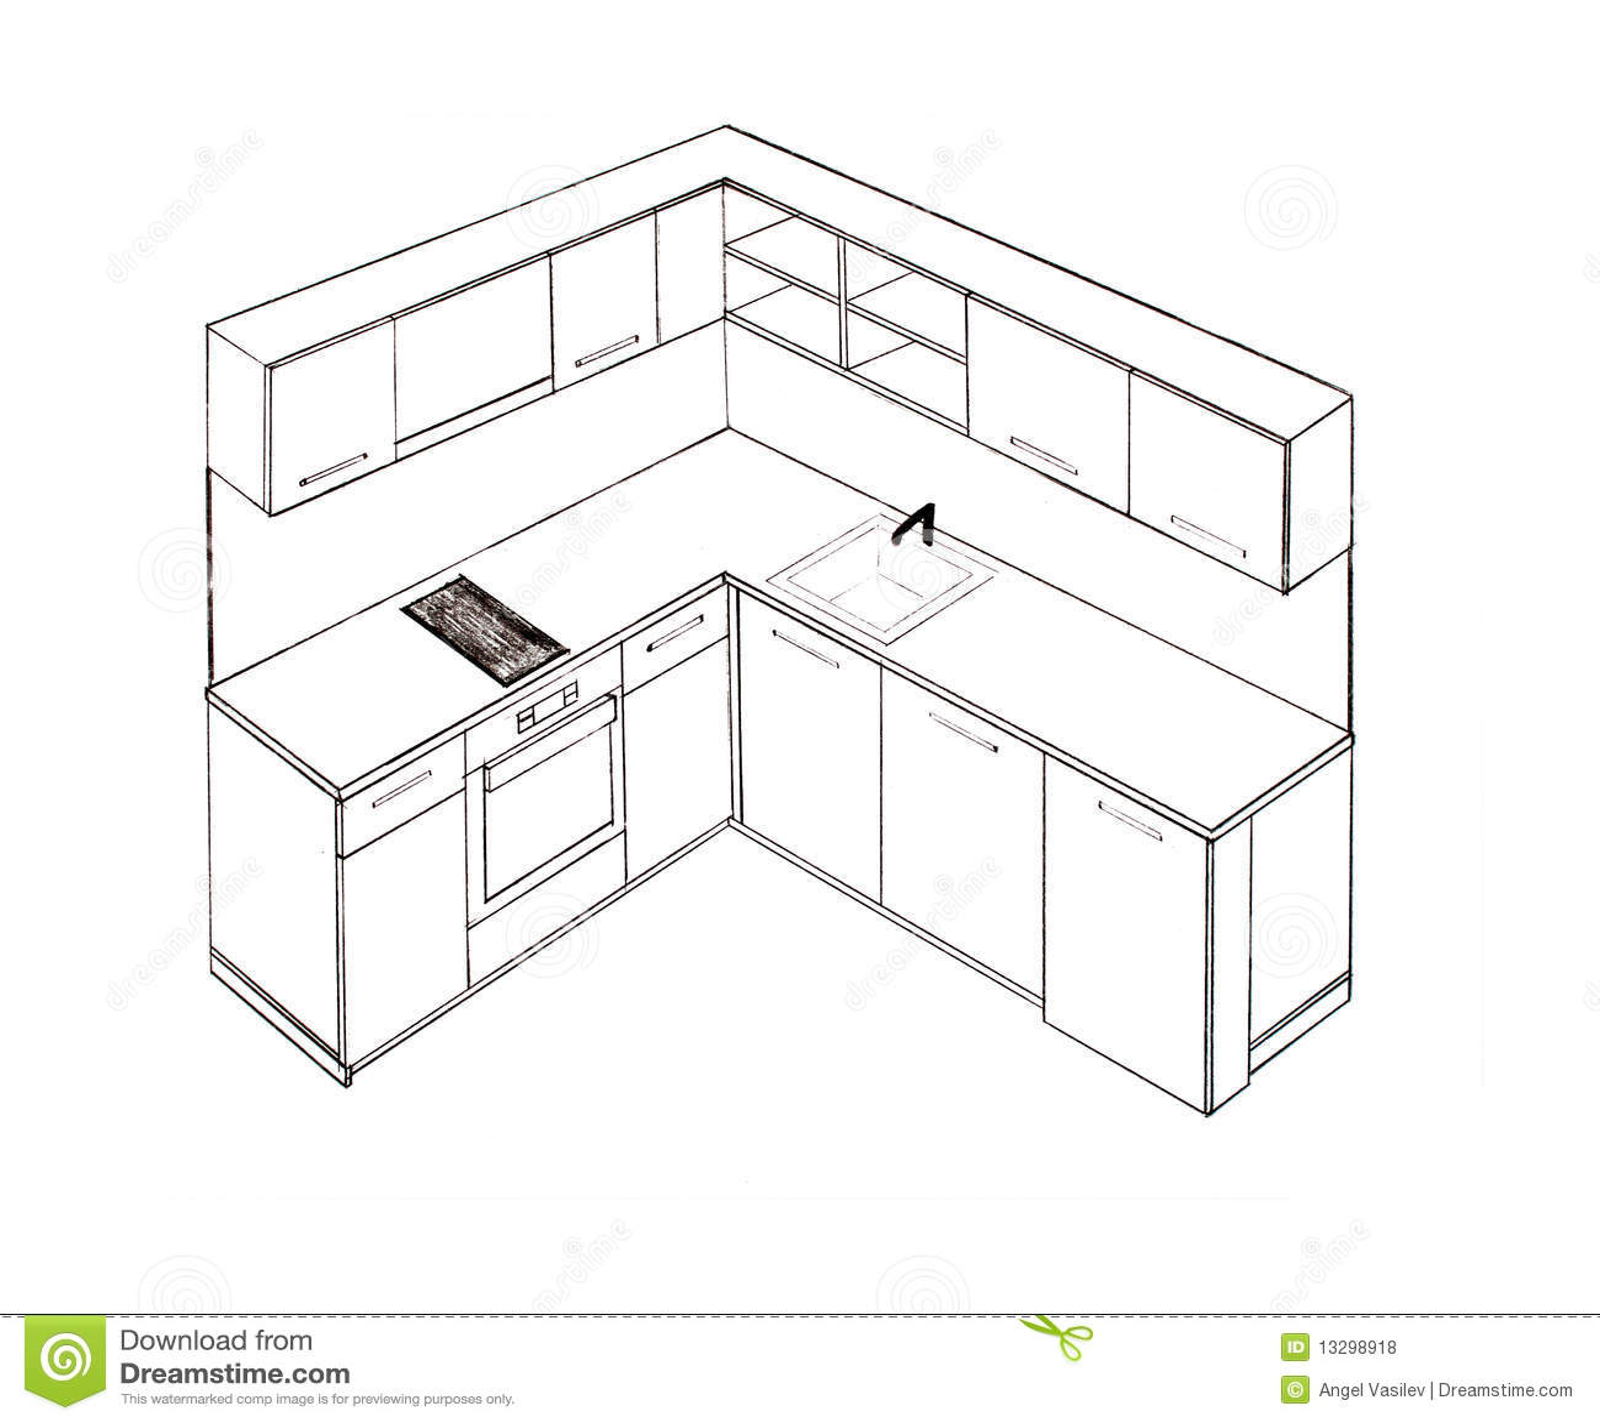 #85A724 Desenho Moderno Da Carta Branca Da Cozinha Do Projeto Interior. Fotos  1300x1173 px Nova Cozinha Desenhos Imagens_617 Imagens